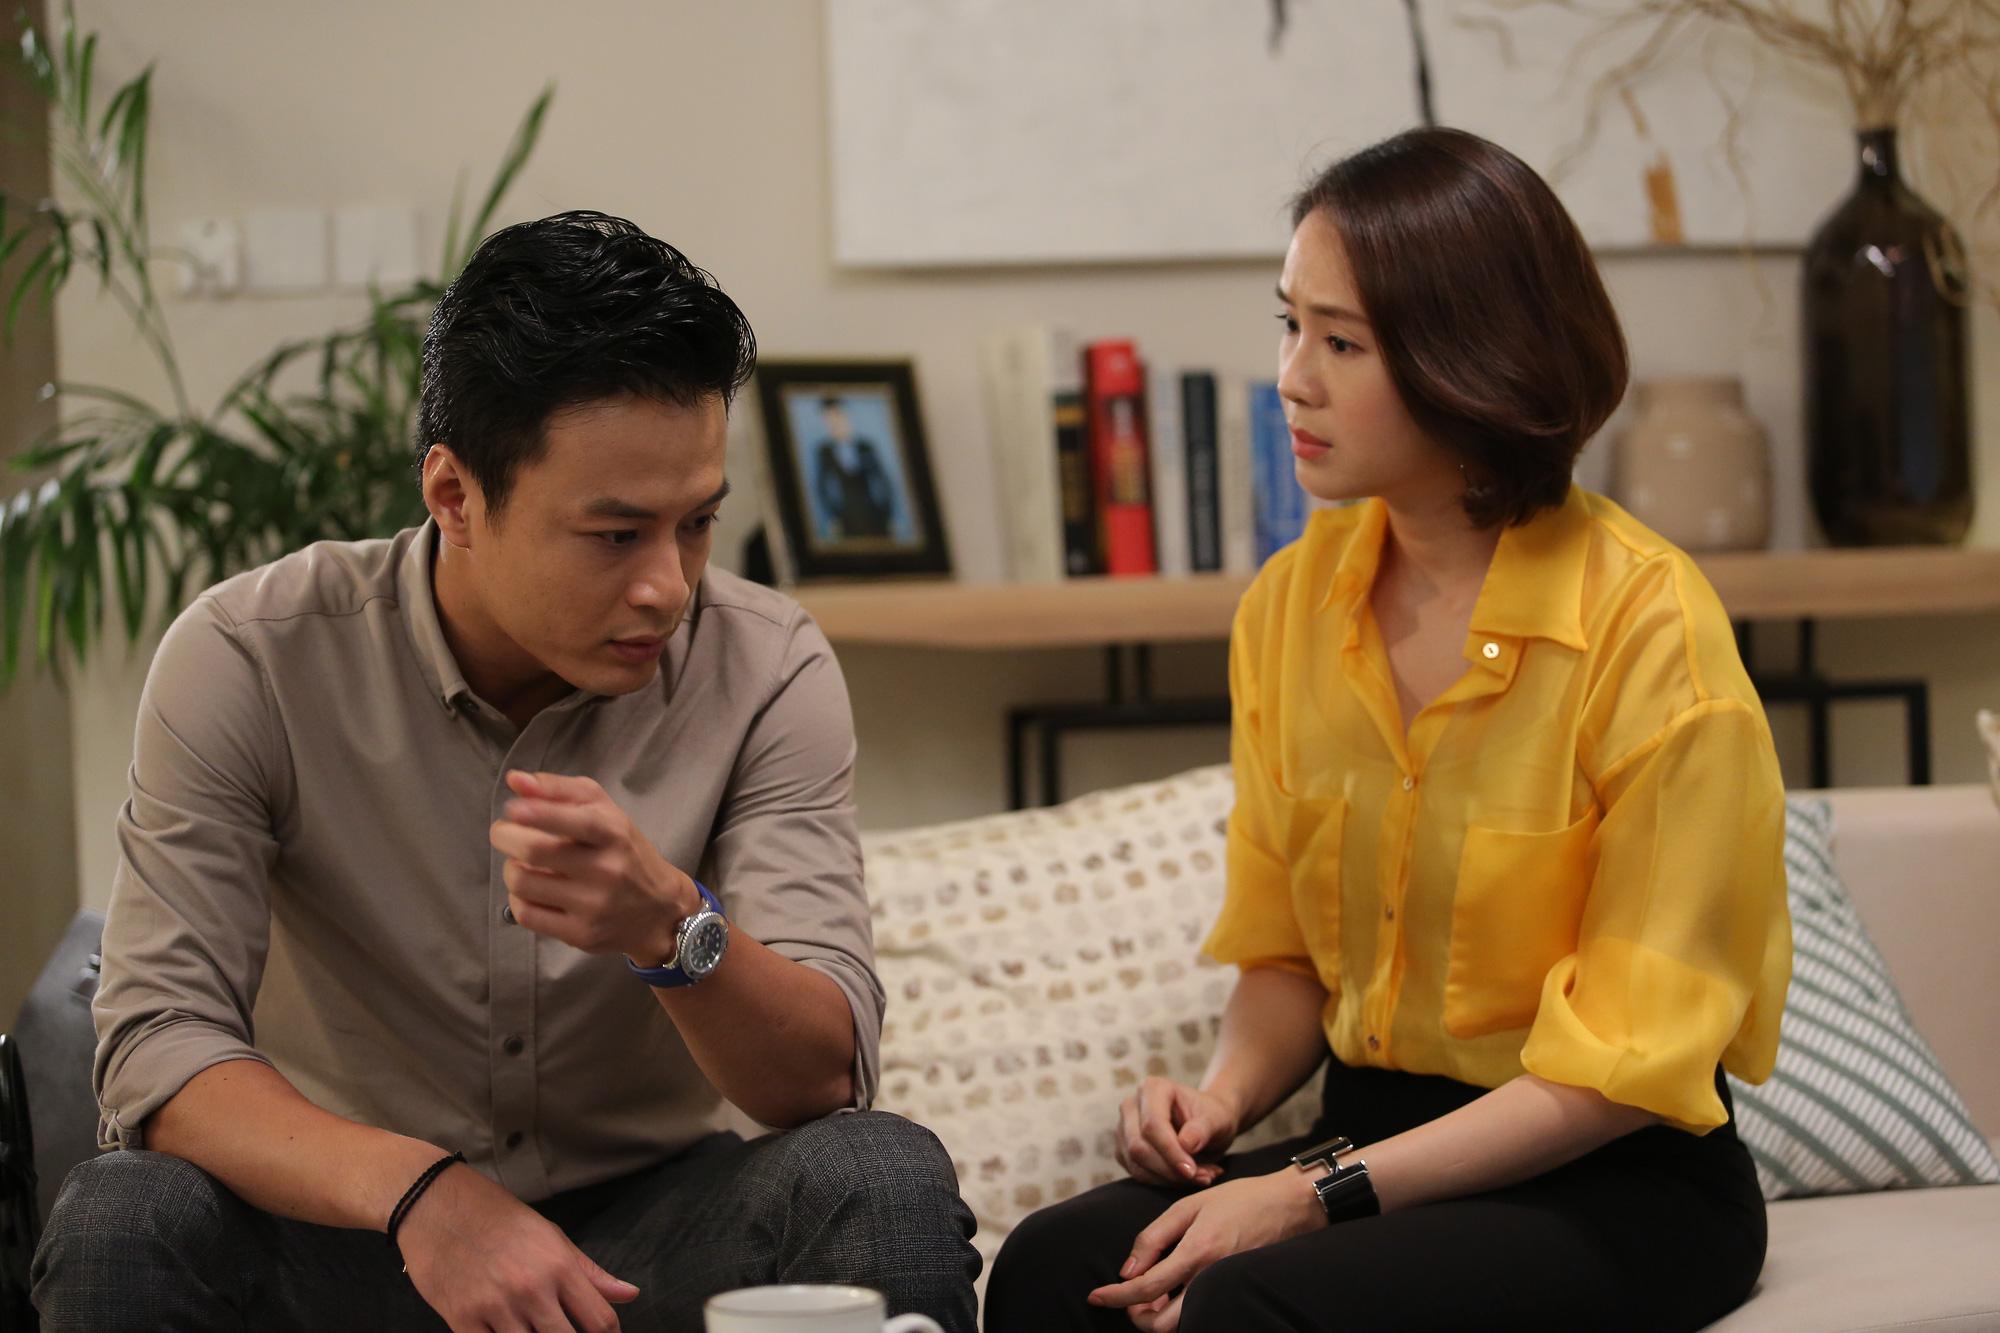 """Hồng Đăng - Hồng Diễm cặp đôi vàng yêu nhau ngay từ đầu phim """" """"Hướng dương ngược nắng"""" - Ảnh 1."""